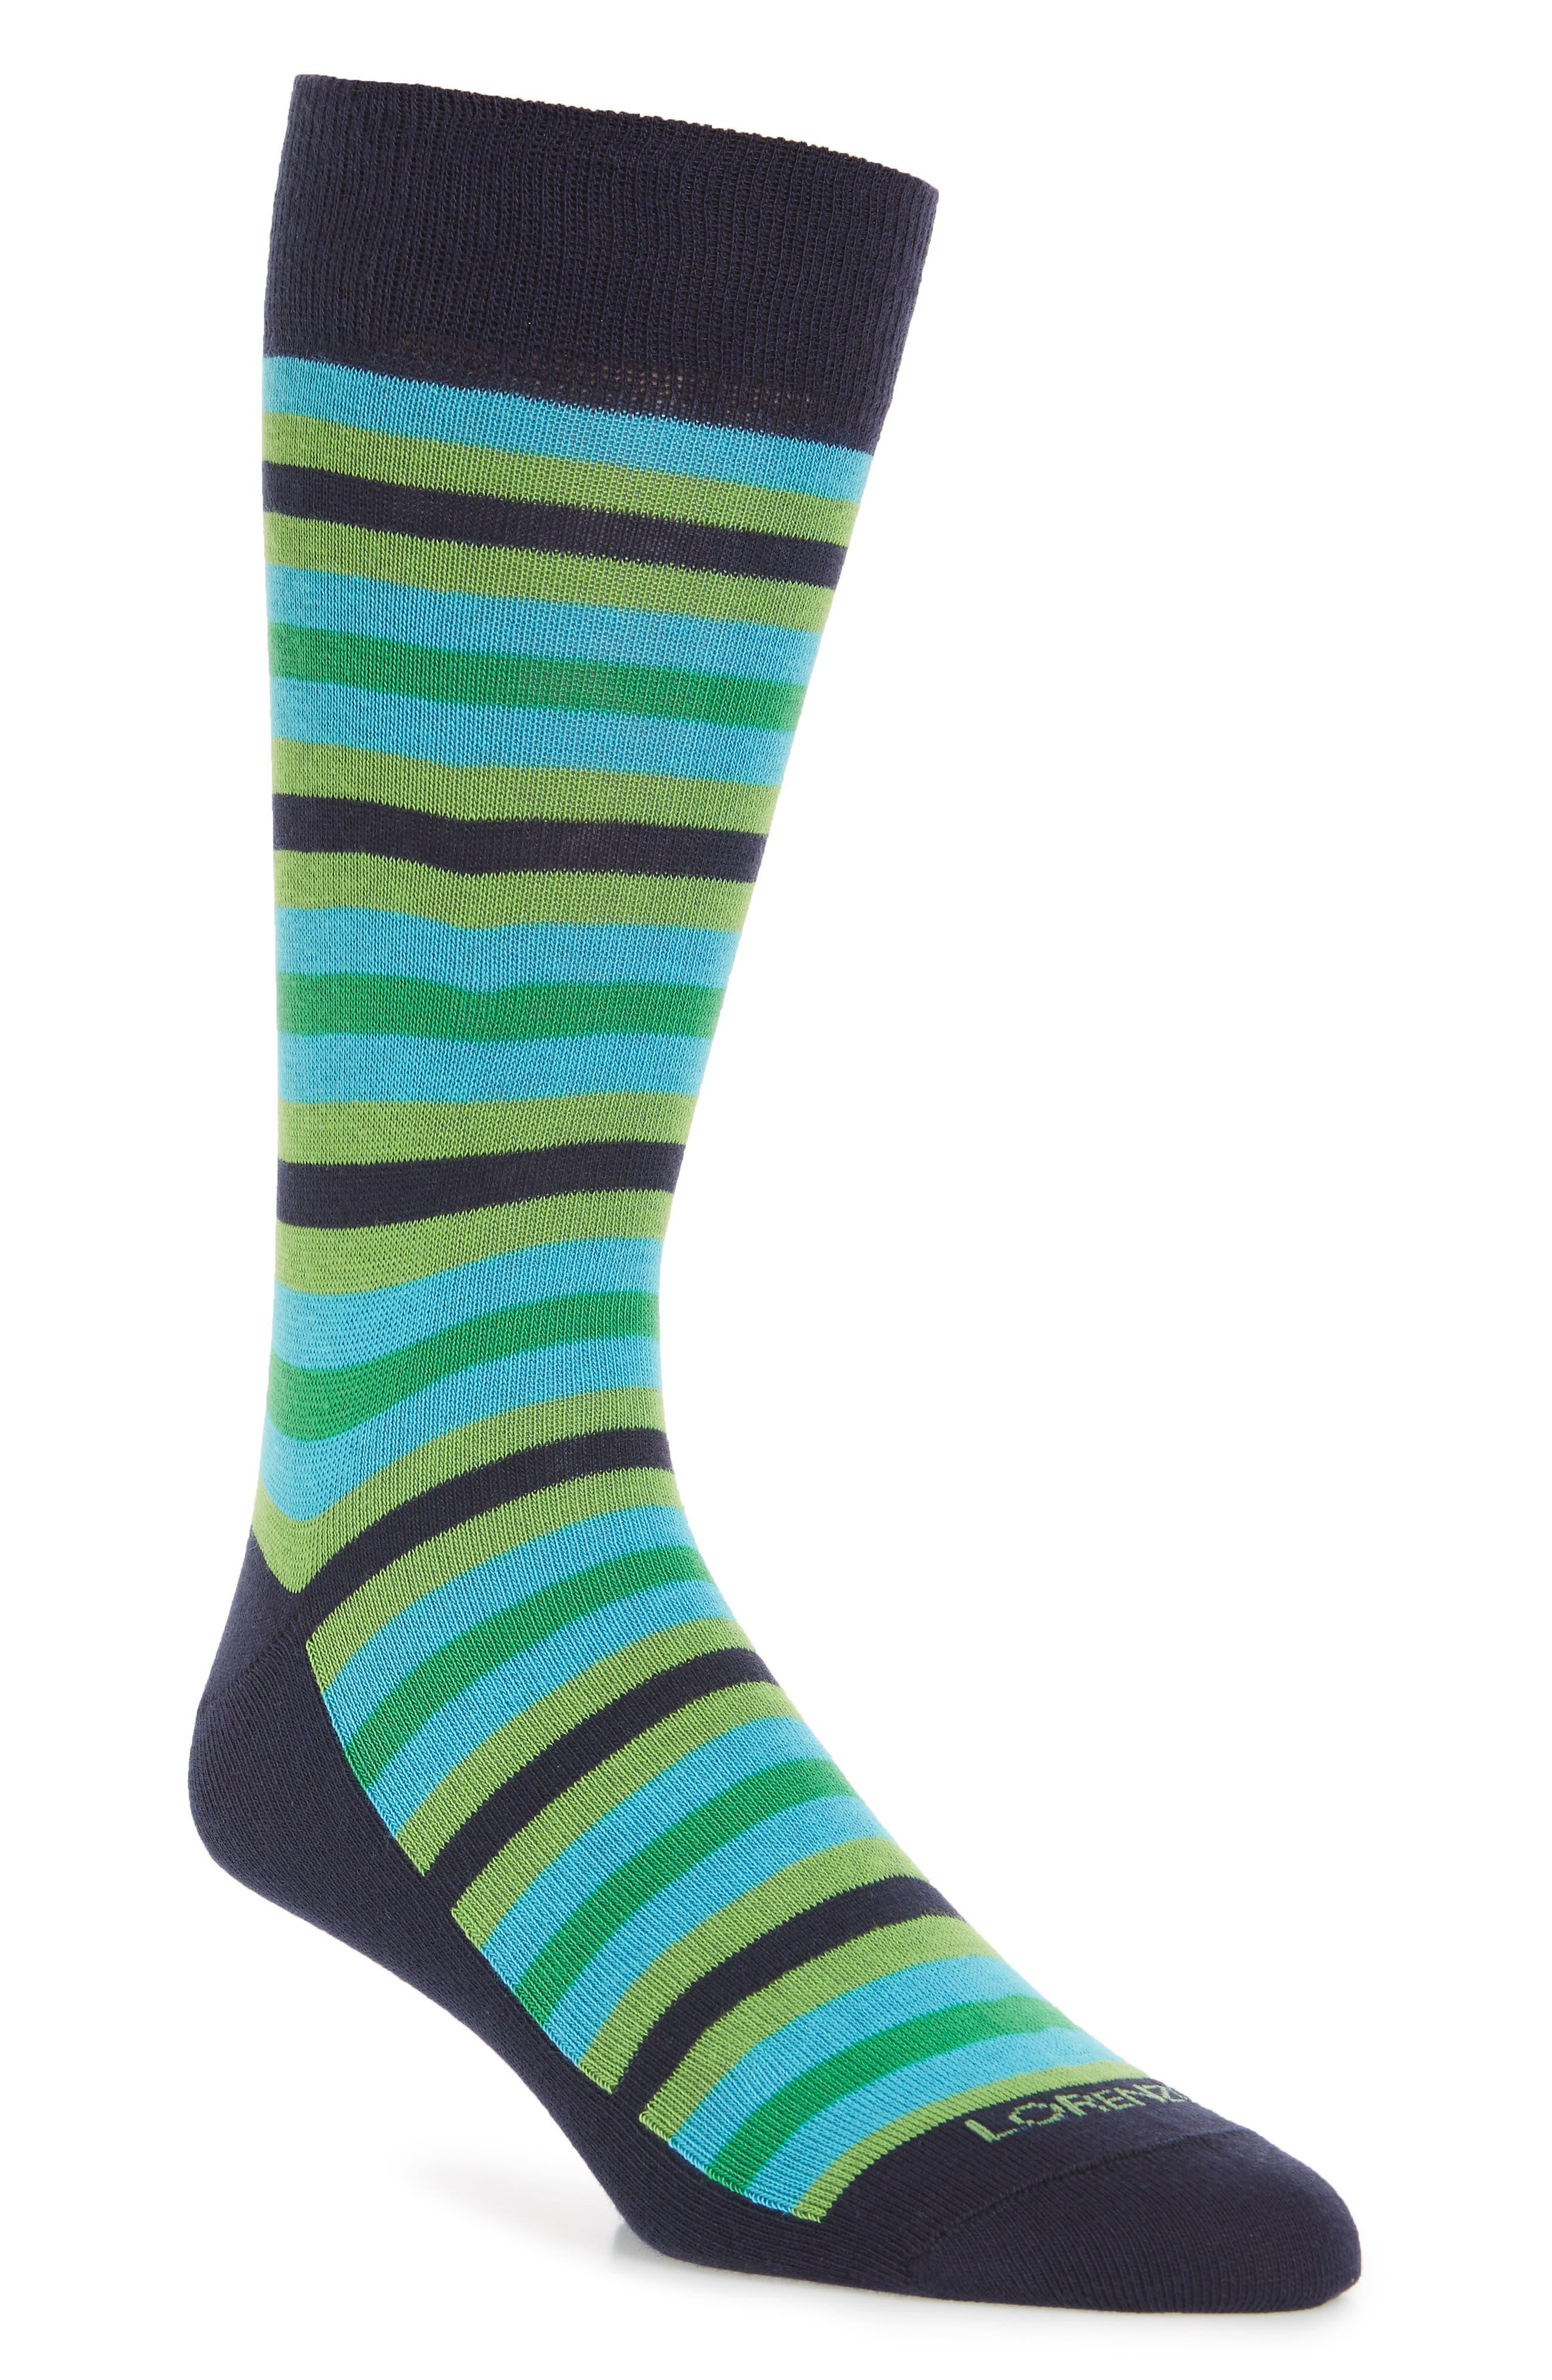 Organic Stripe Socks,                             Main thumbnail 1, color,                             410